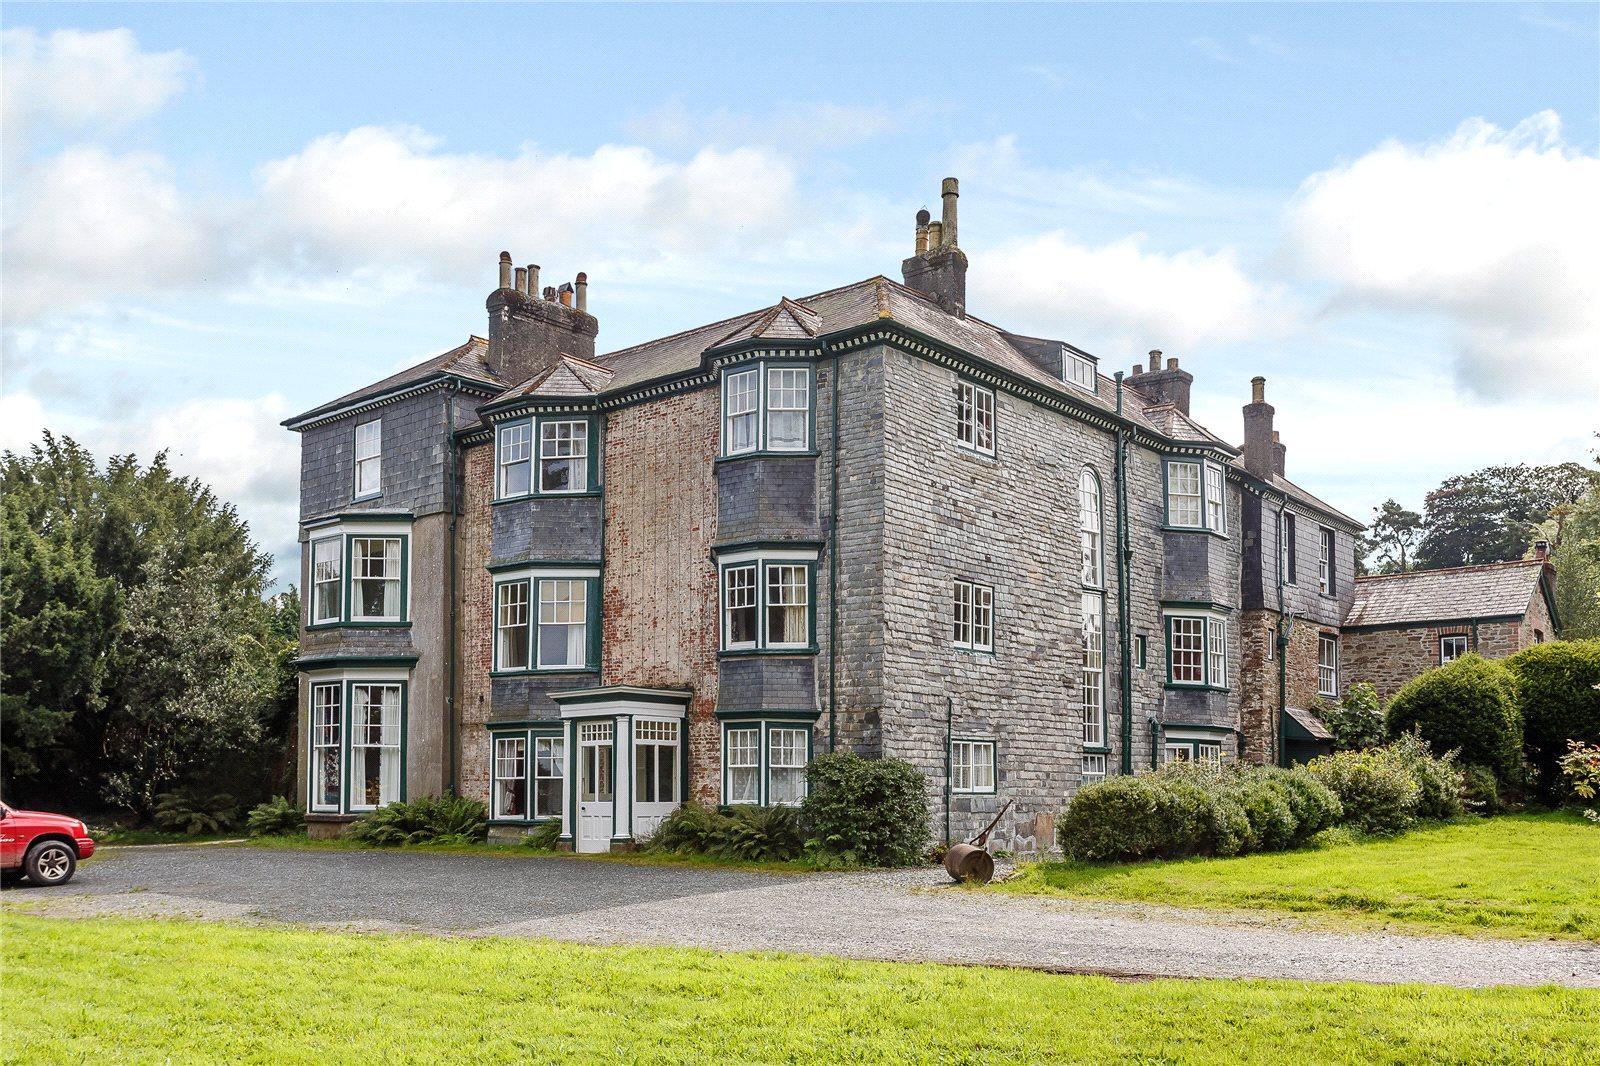 独户住宅 为 销售 在 Rumleigh, Bere Alston, Yelverton, Devon, PL20 Yelverton, 英格兰